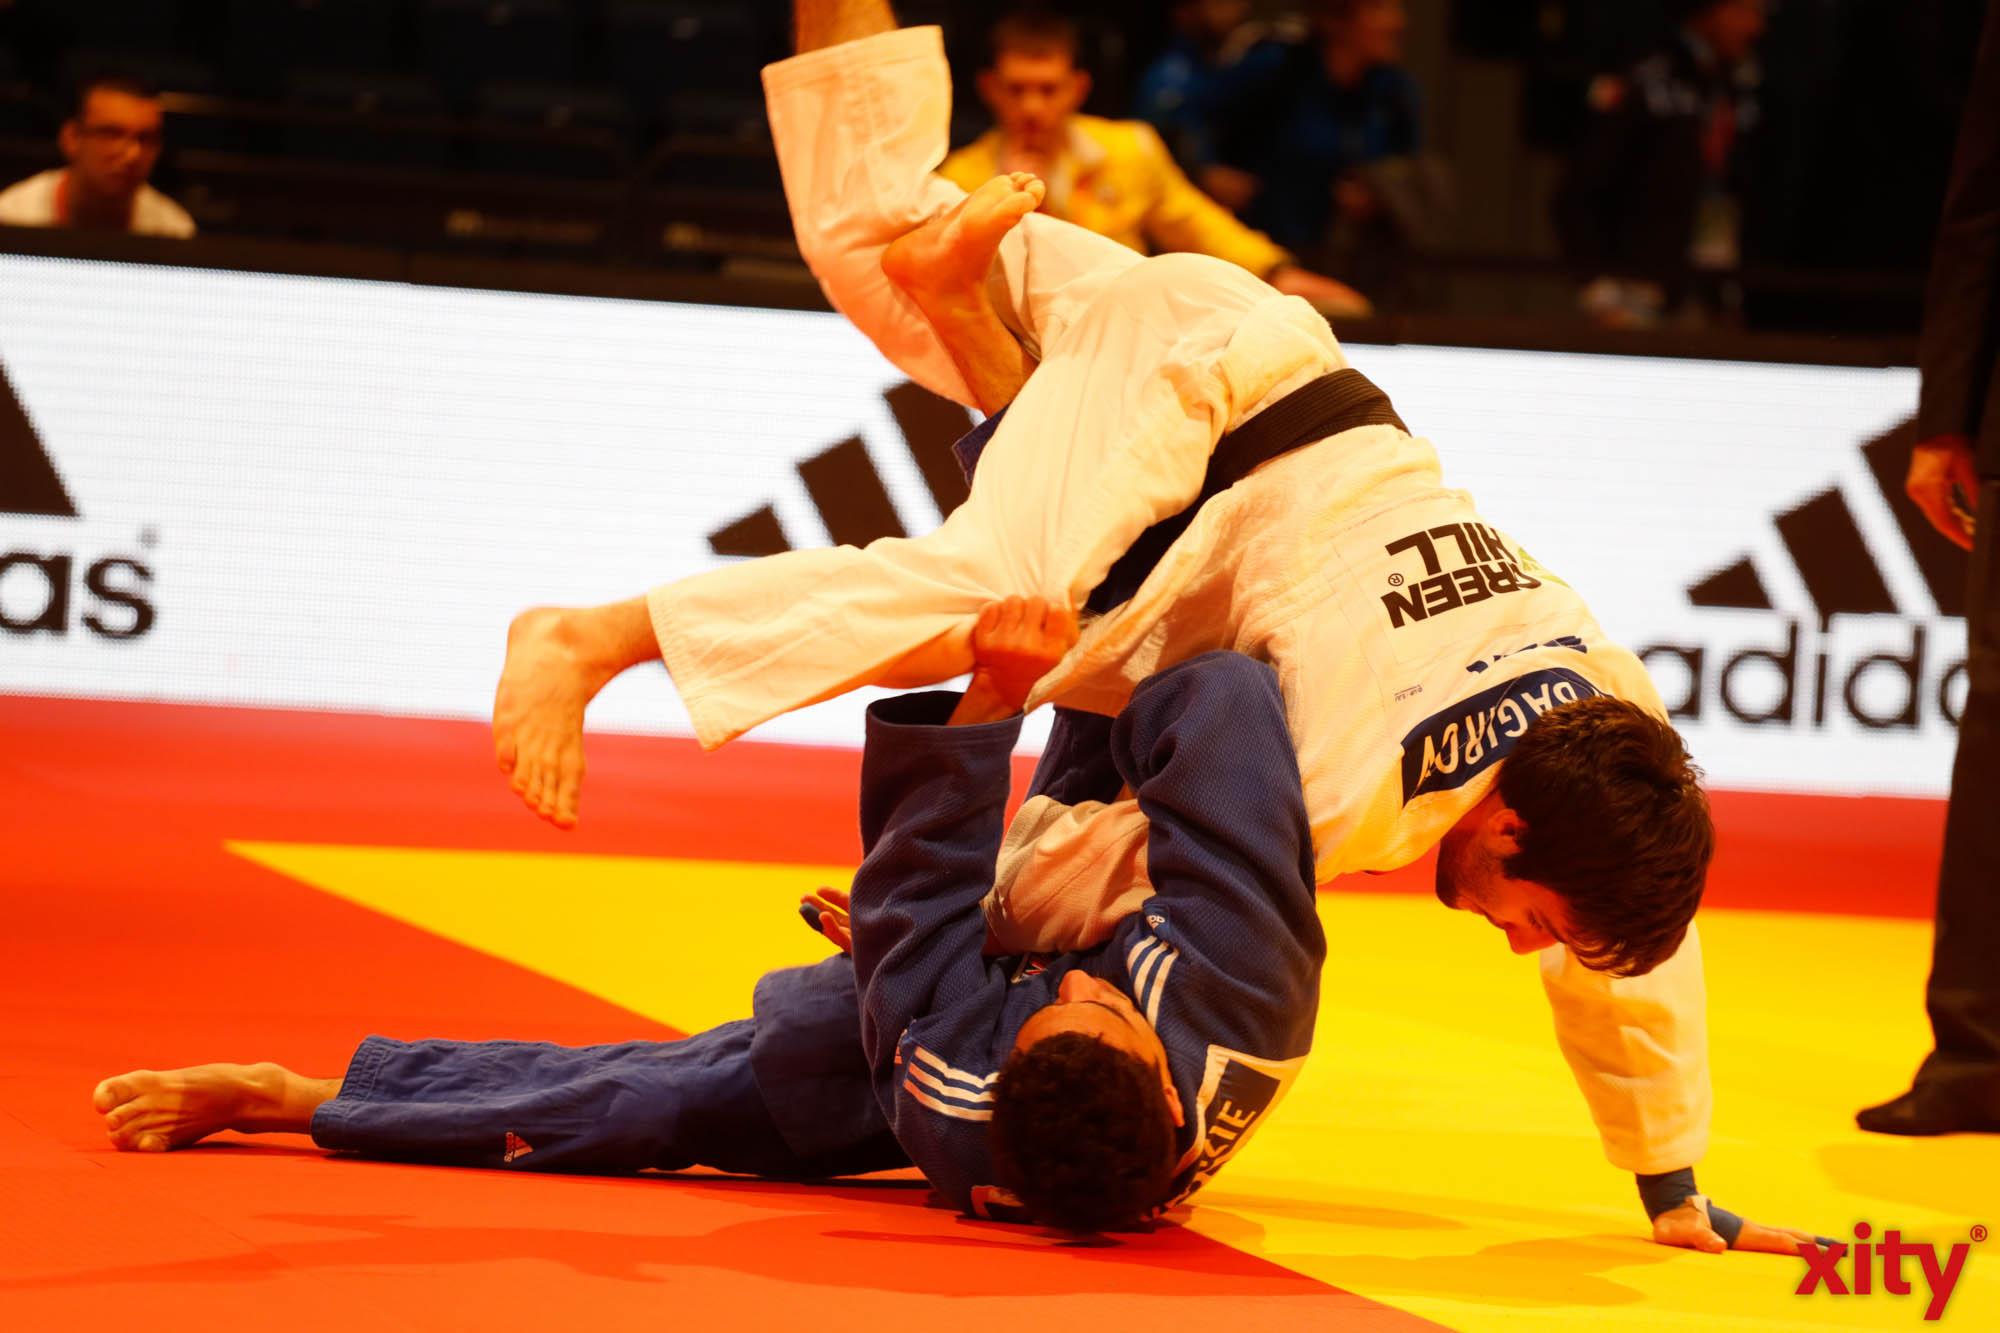 Olympiaqualifikation findet in der Sportstadt (Foto: xity)